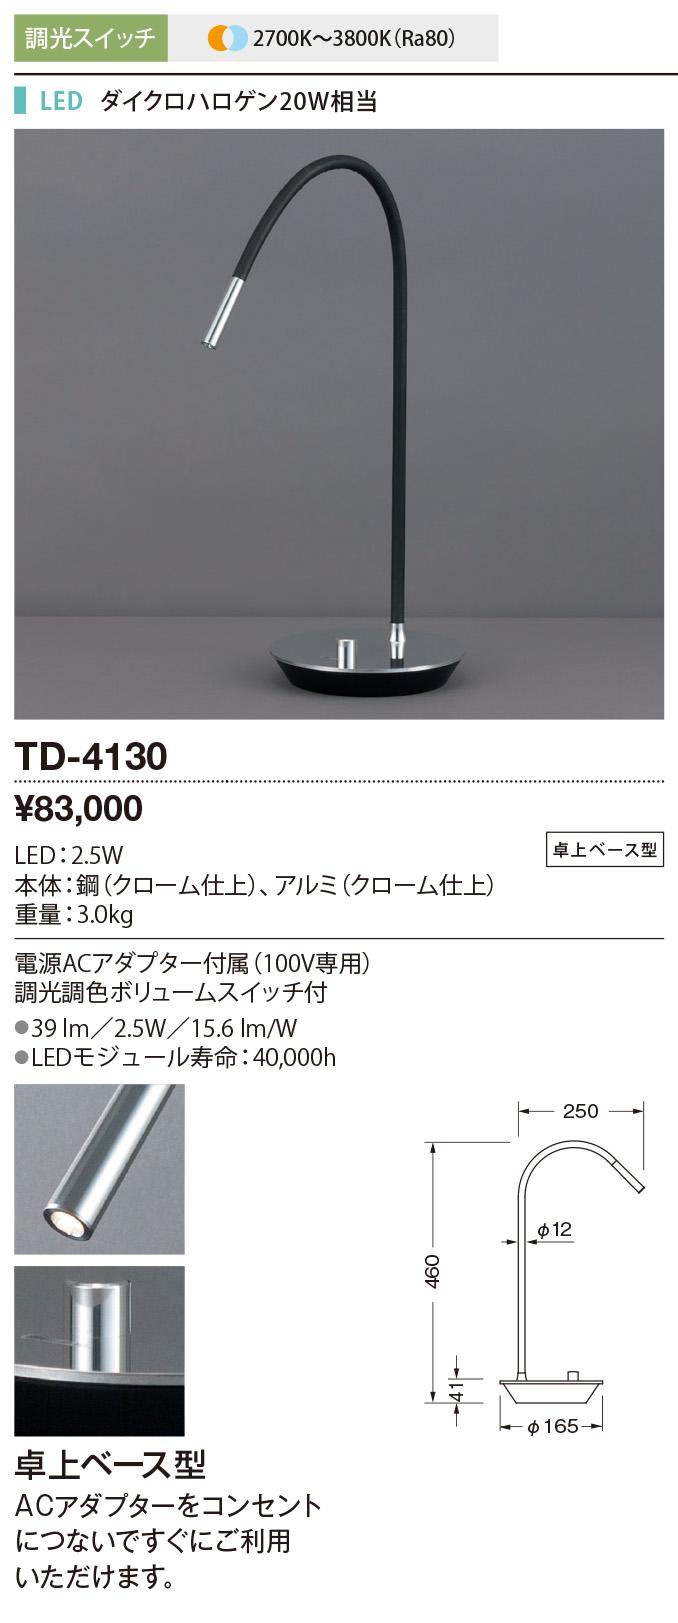 ★【限定特価】山田照明 照明器具LEDフレキシブルスタンド 調色・調光タイプ卓上ベース型 ダイクロハロゲン20W相当 スイッチ付TD-4130